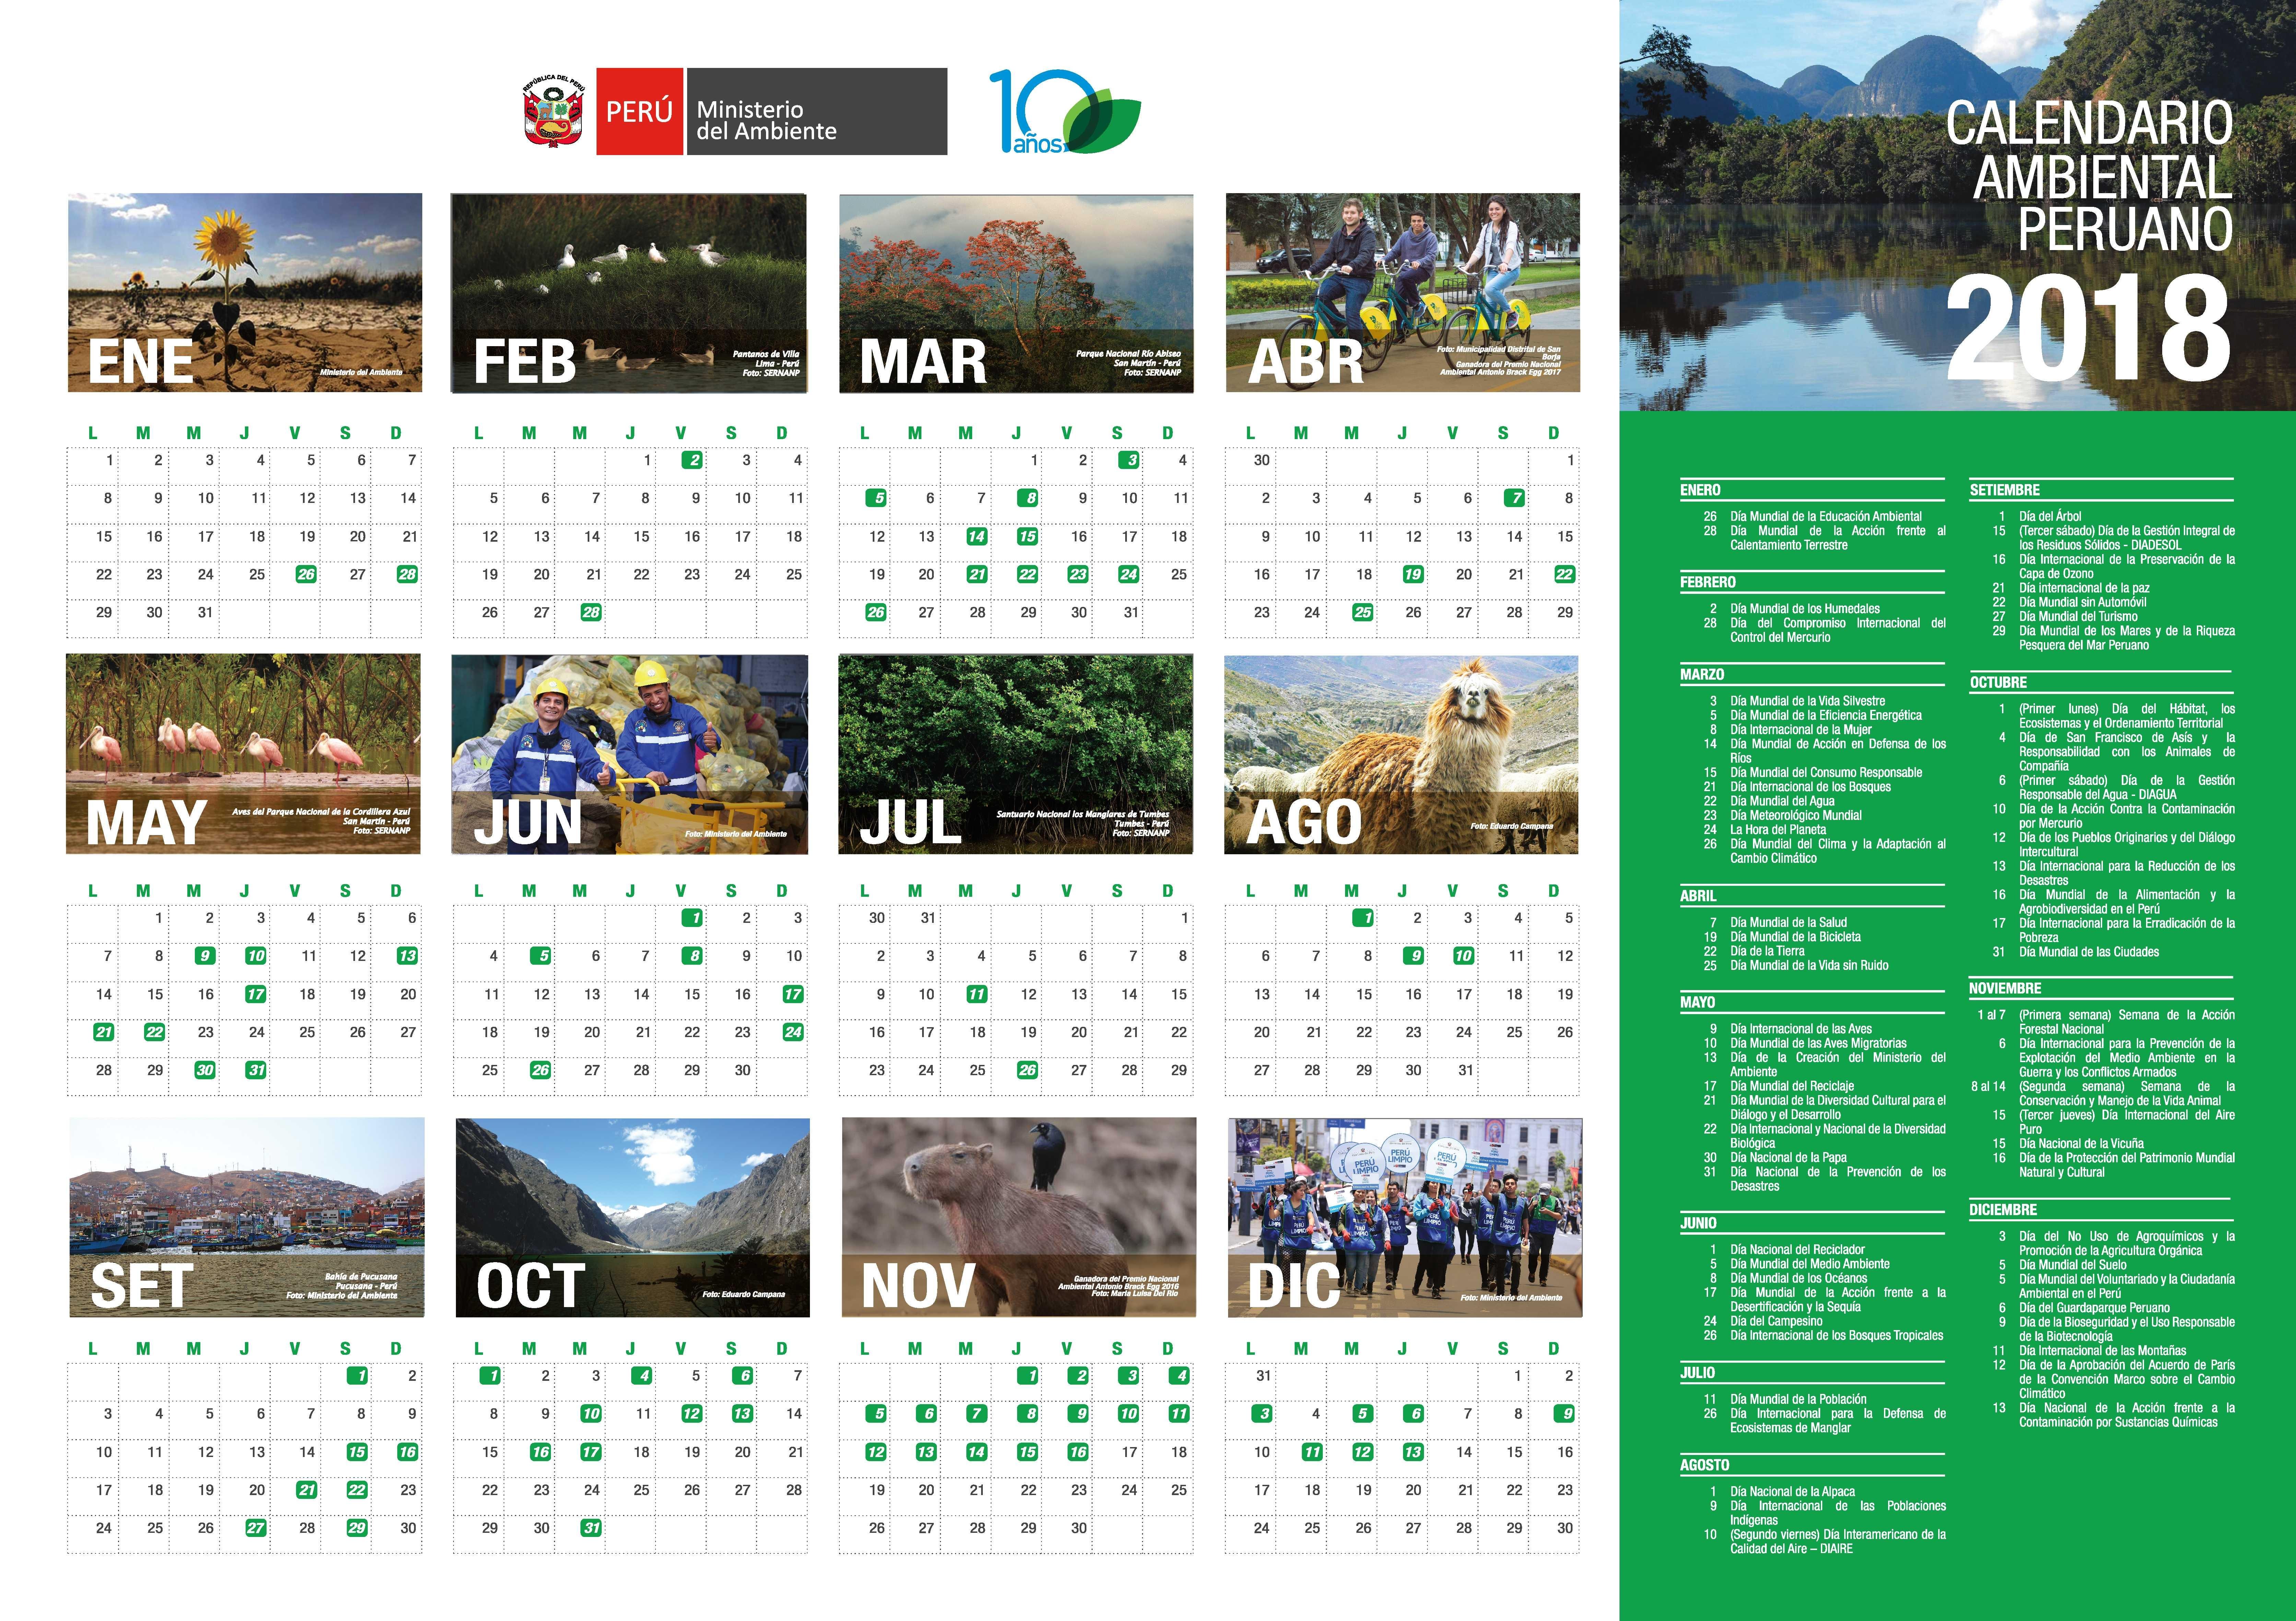 Calendario Para Imprimir 2017 Chile Actual Calendario Ambiental Of Calendario Para Imprimir 2017 Chile Más Arriba-a-fecha sorpresa Tu Calendario Descargable Gratuito Para 2018